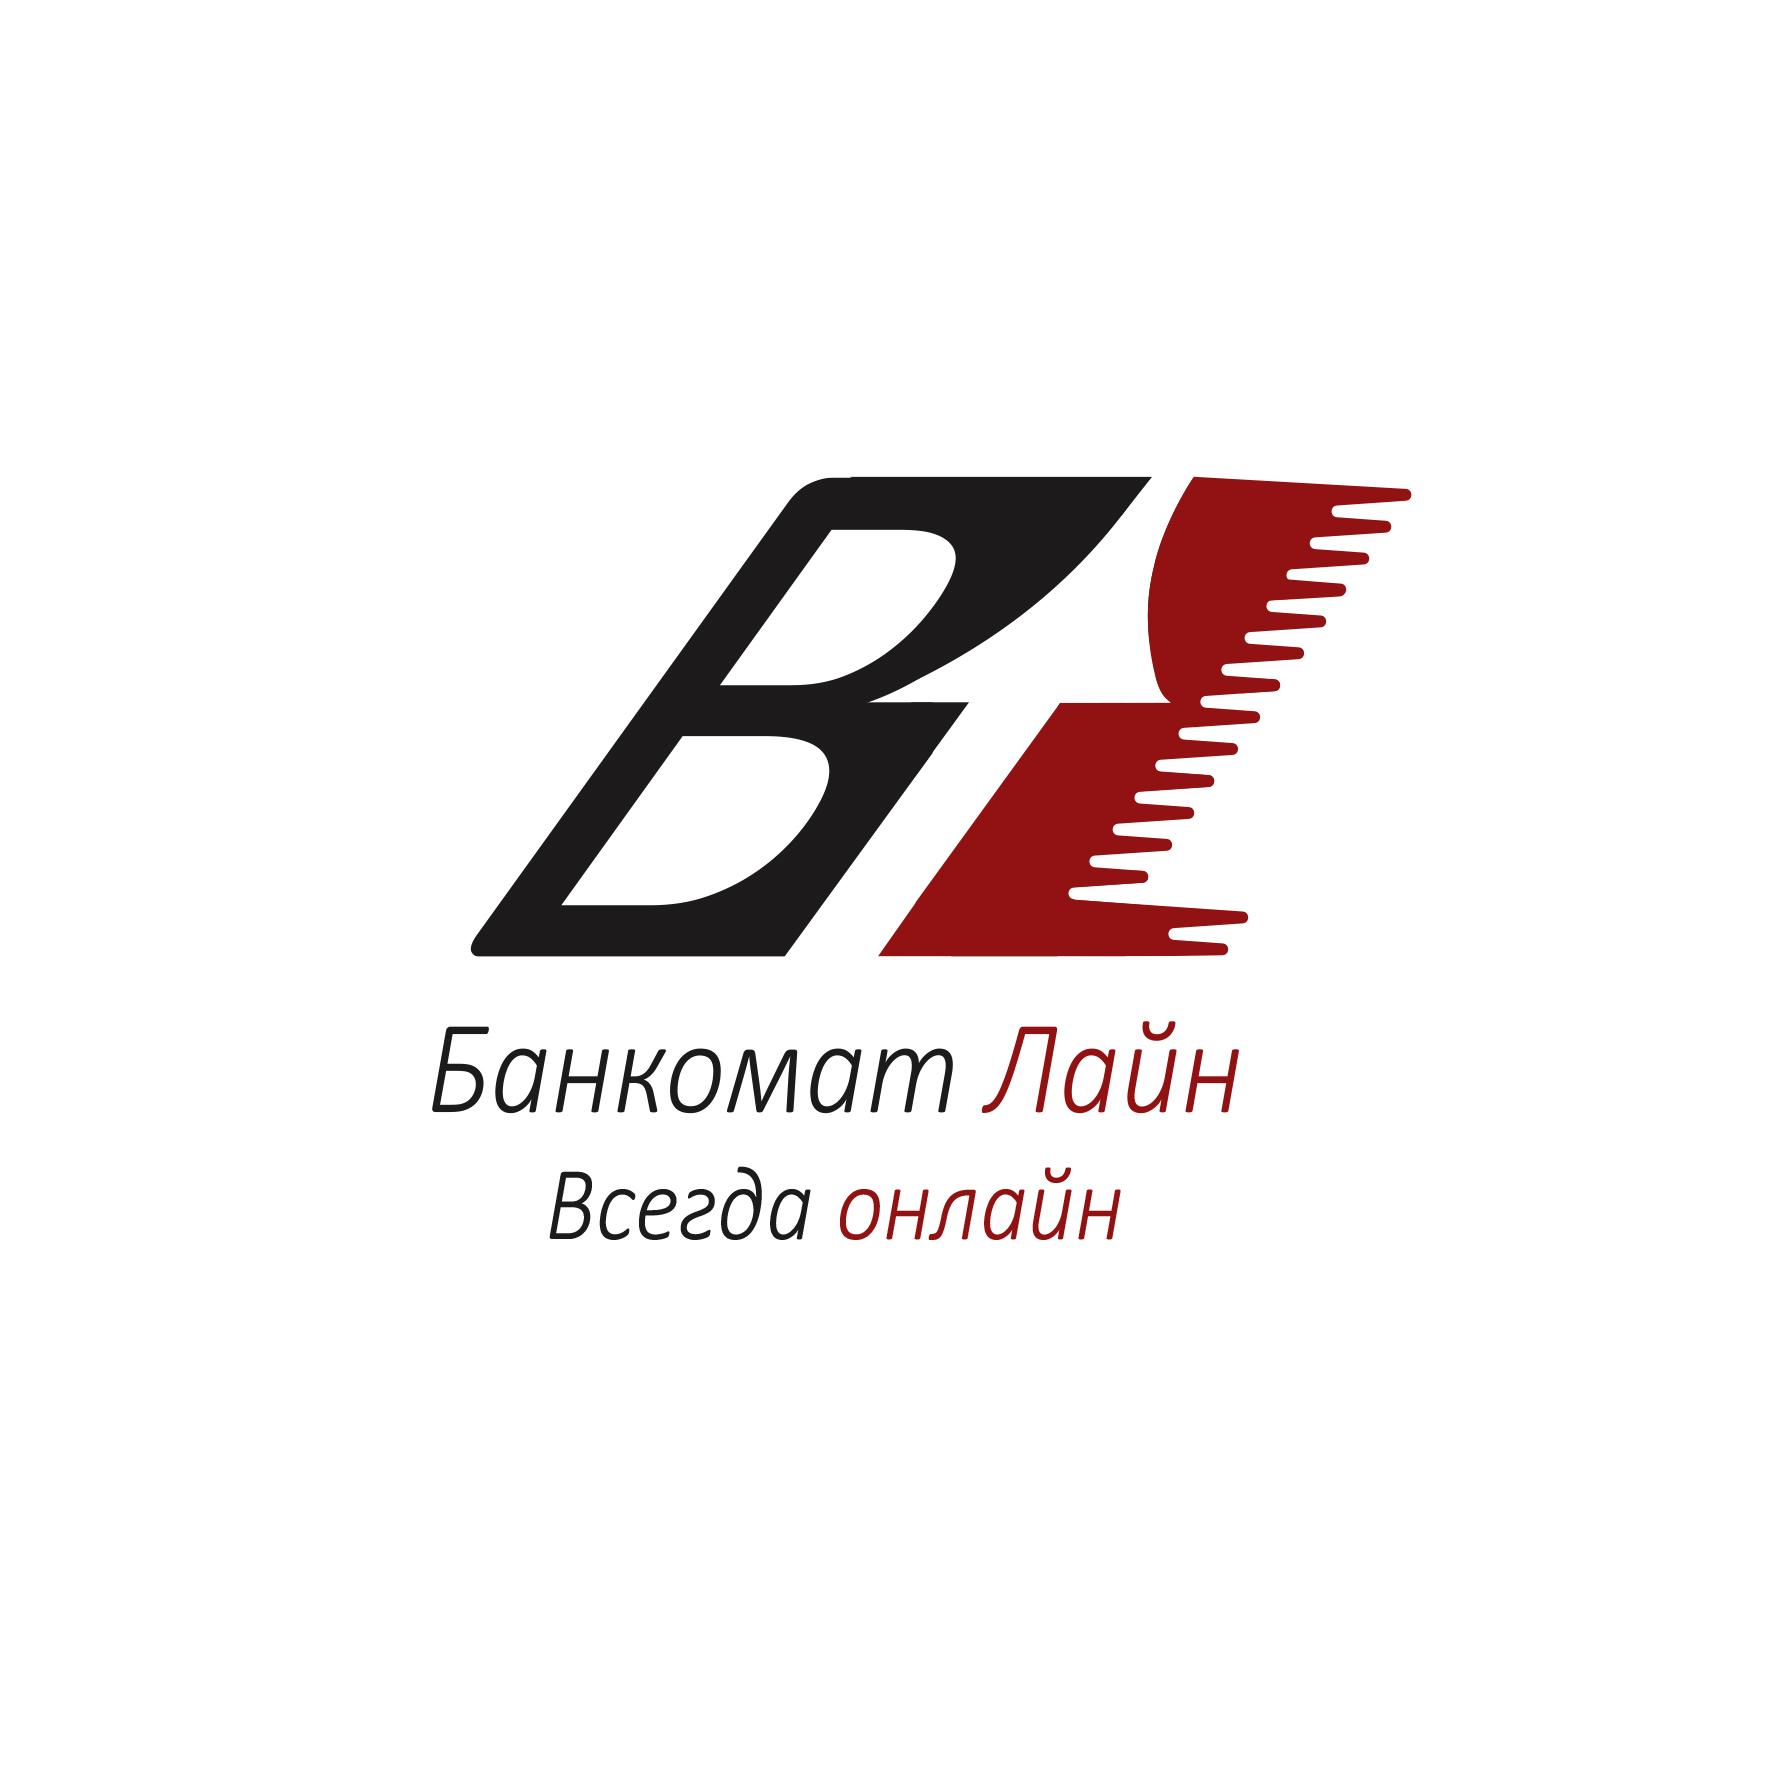 Разработка логотипа и слогана для транспортной компании фото f_0465880c12140756.jpg